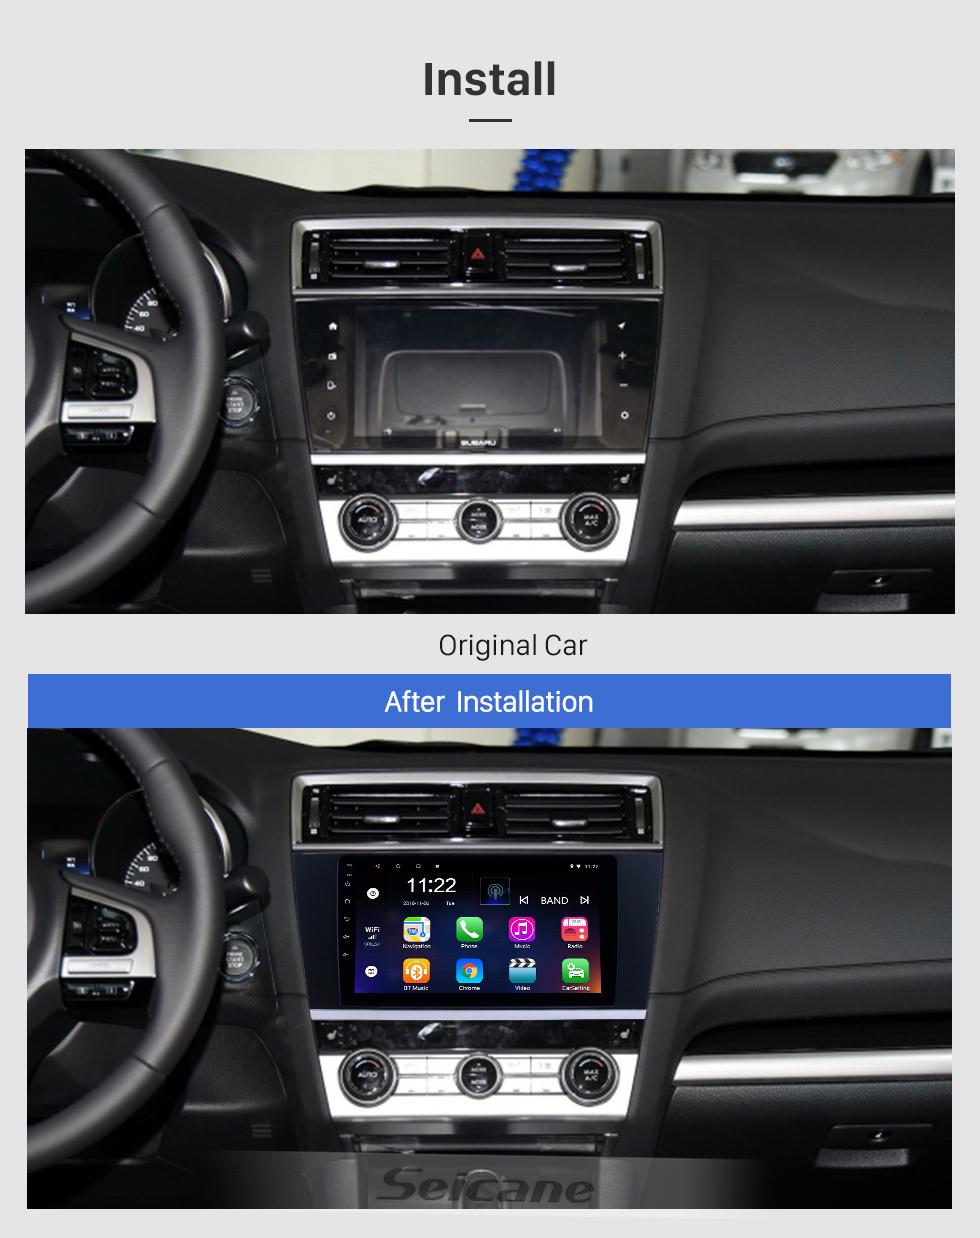 Seicane 9 polegadas Android 10.0 Rádio Navegação GPS para 2015-2018 Subaru Legacy Com HD Touchscreen Bluetooth suporte Carplay Câmera traseira